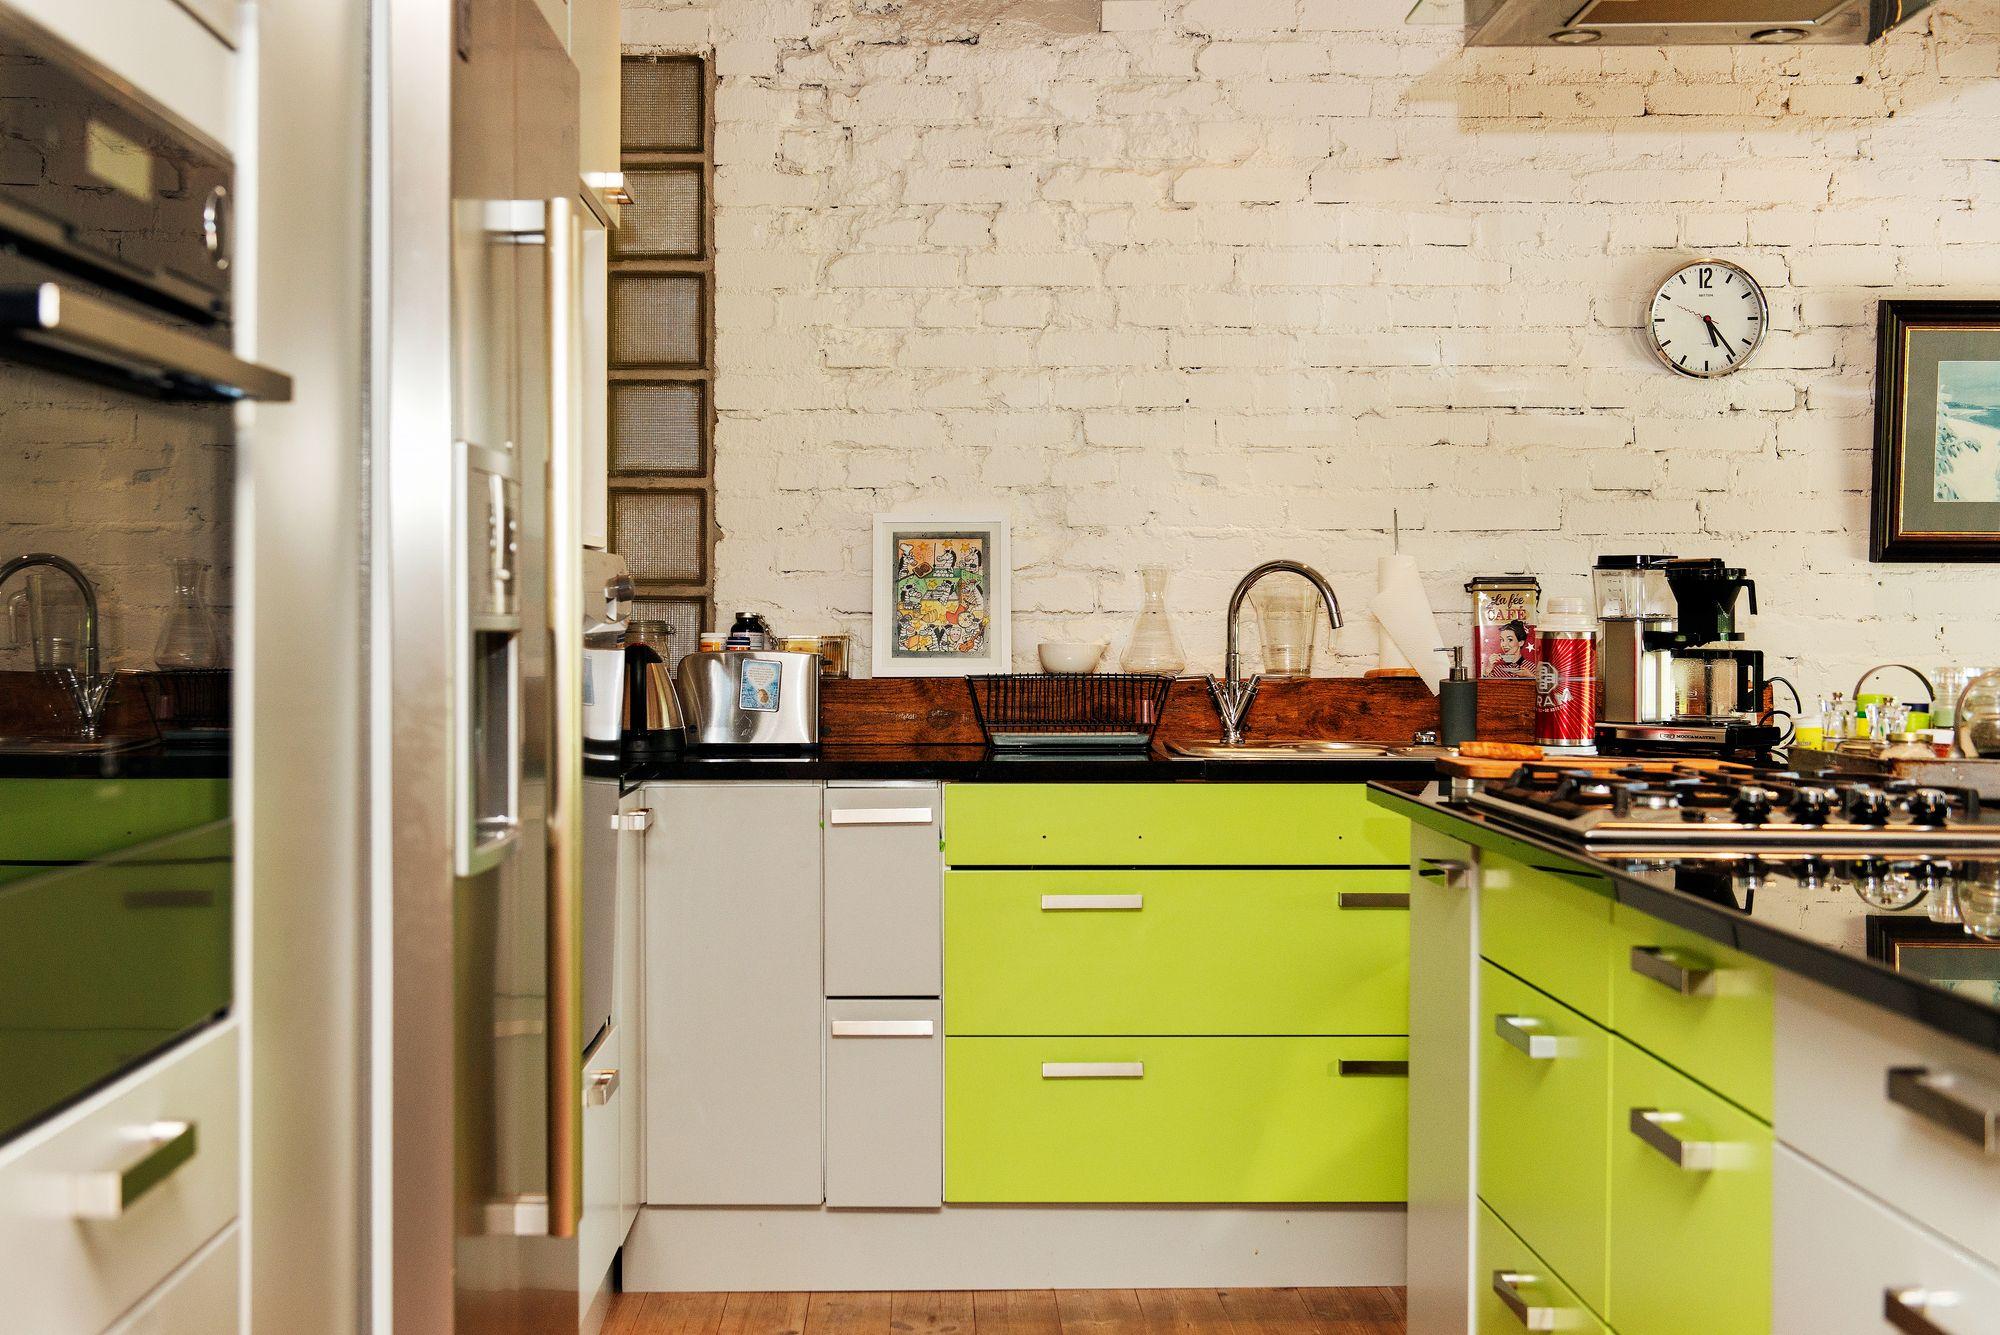 Terhi kokkaa mielellään kaasuliedellä. Vihreät kaapit ostettiin poistomyynnistä. © Linda Varoma